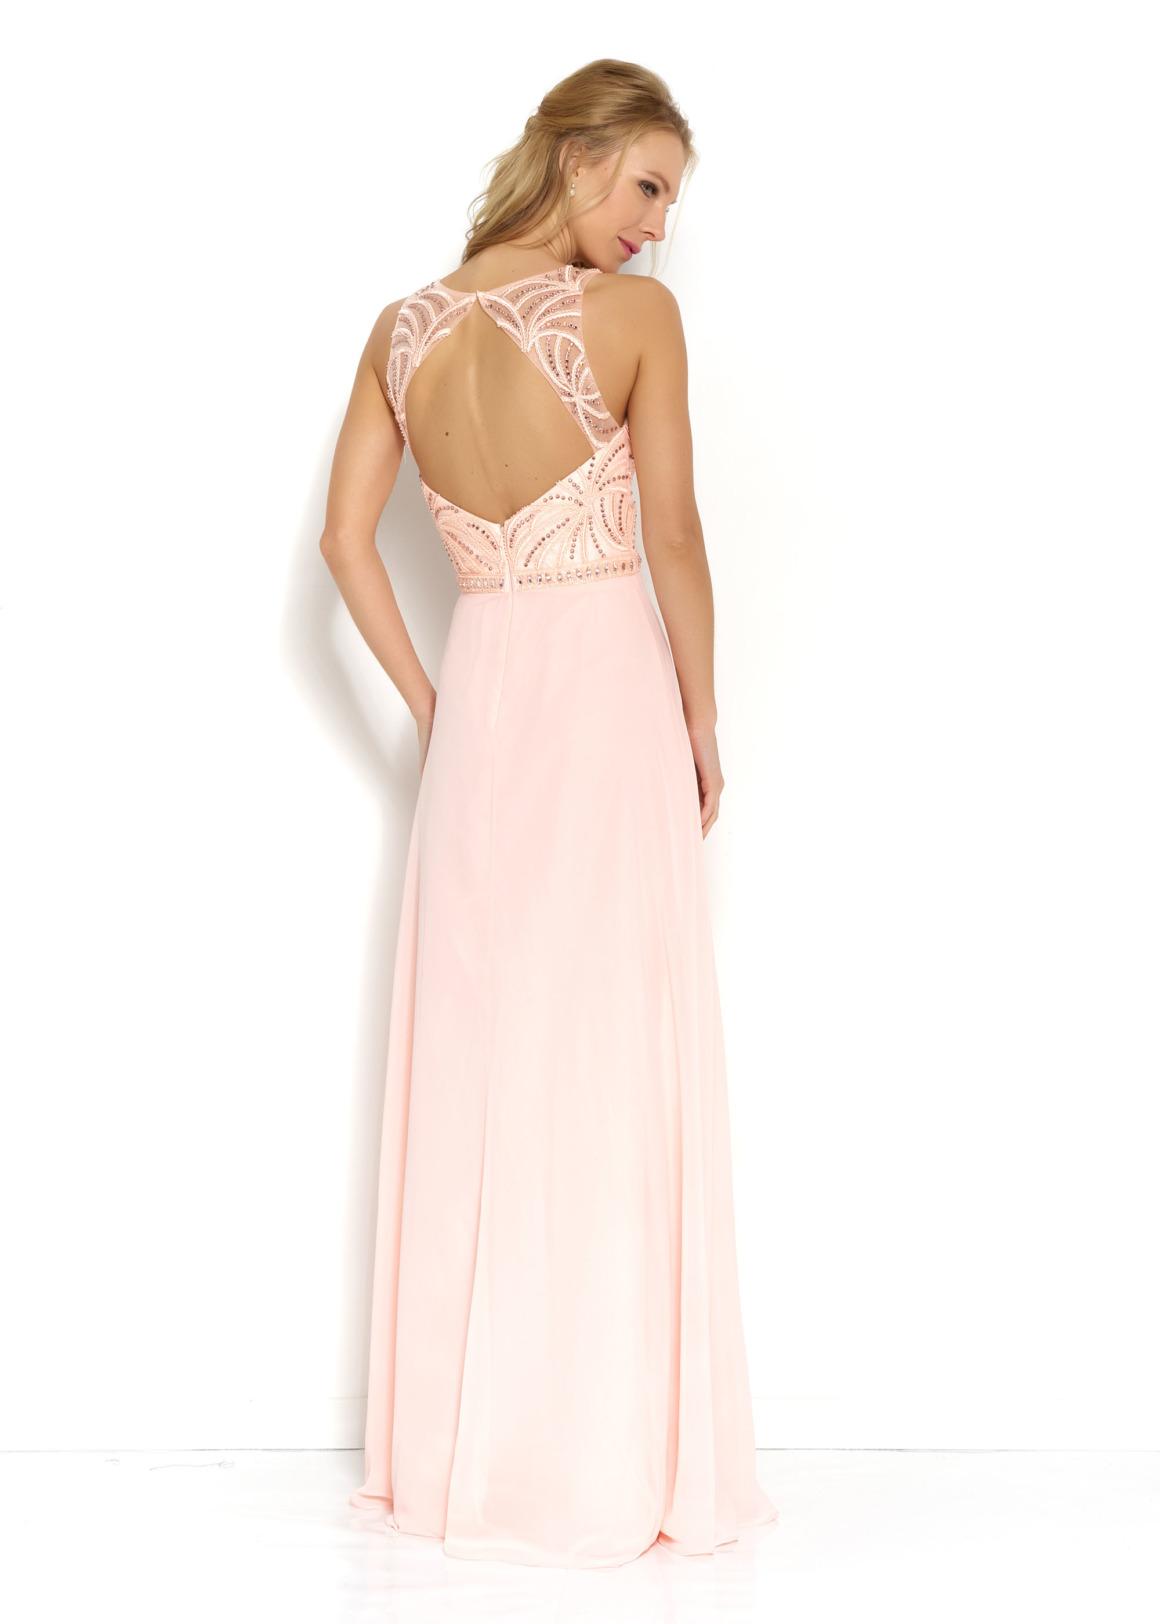 Brautjungfern Kleid Hochzeit Mode klassisch Trauzeugin Brides Maid soft pastell peach nude Rücken Ansicht